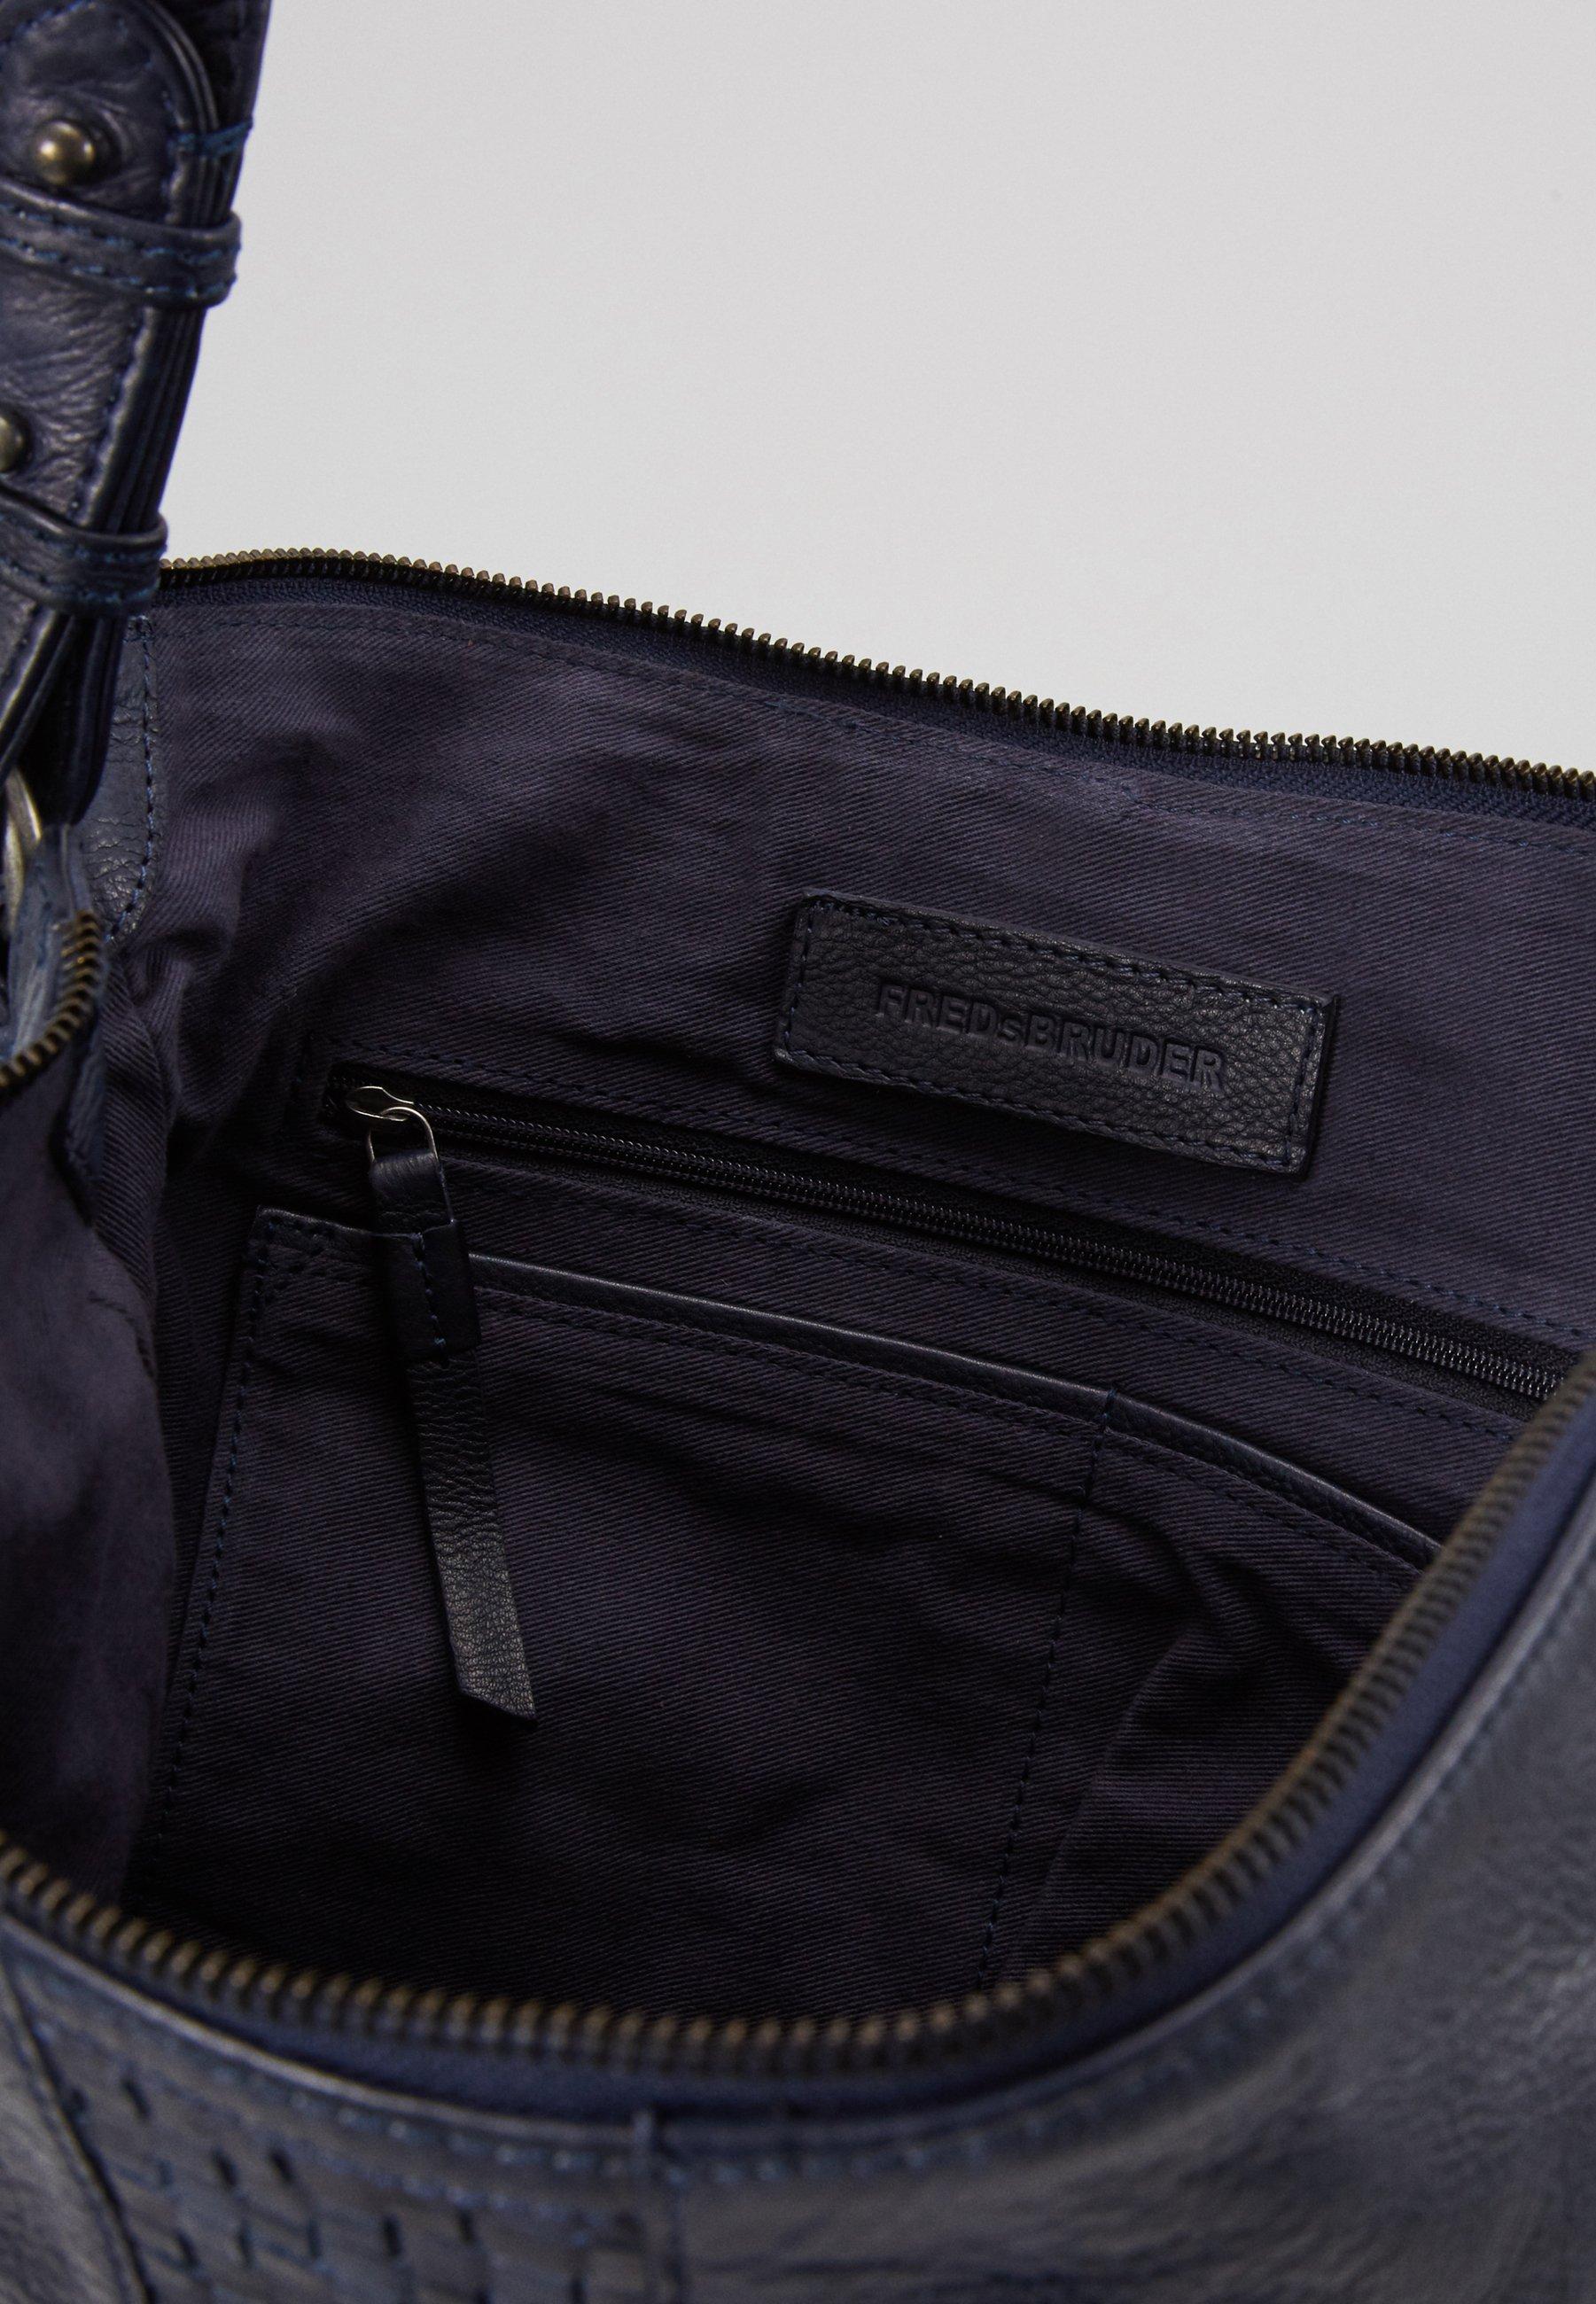 Fredsbruder Coco - Handtasche Deep Blue/dunkelblau